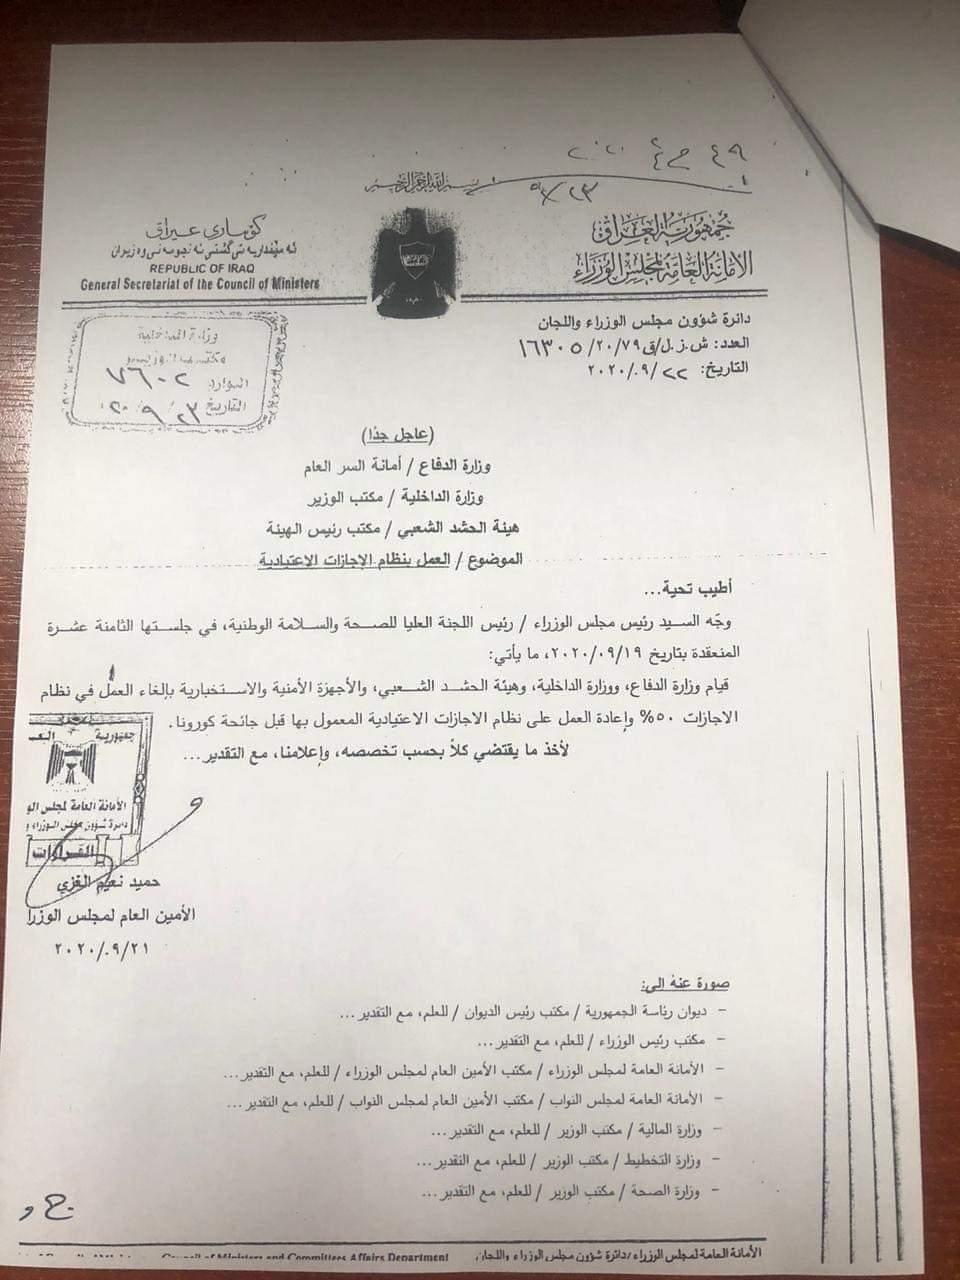 الكاظمي يوجه بإلغاء نظام الإجارات 50% في المؤسسات الأمنية .. وثيقة